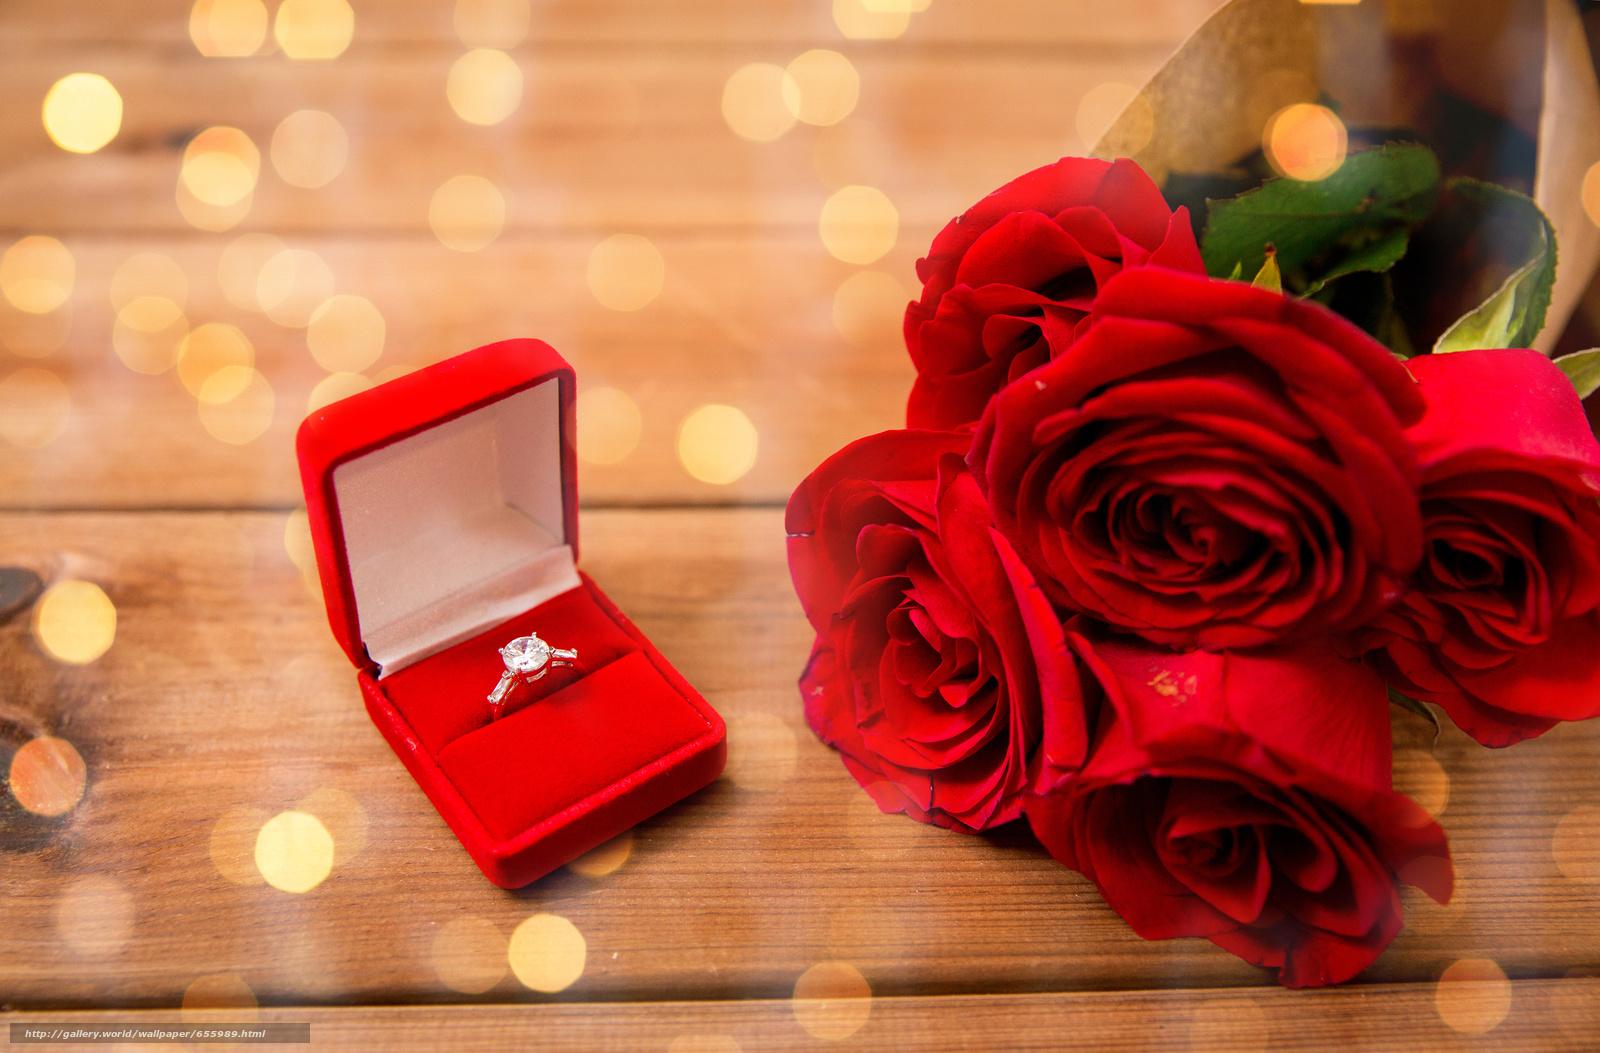 scaricare gli sfondi Roses,  bouquet,  GERMOGLI,  Anello Sfondi gratis per la risoluzione del desktop 4272x2812 — immagine №655989